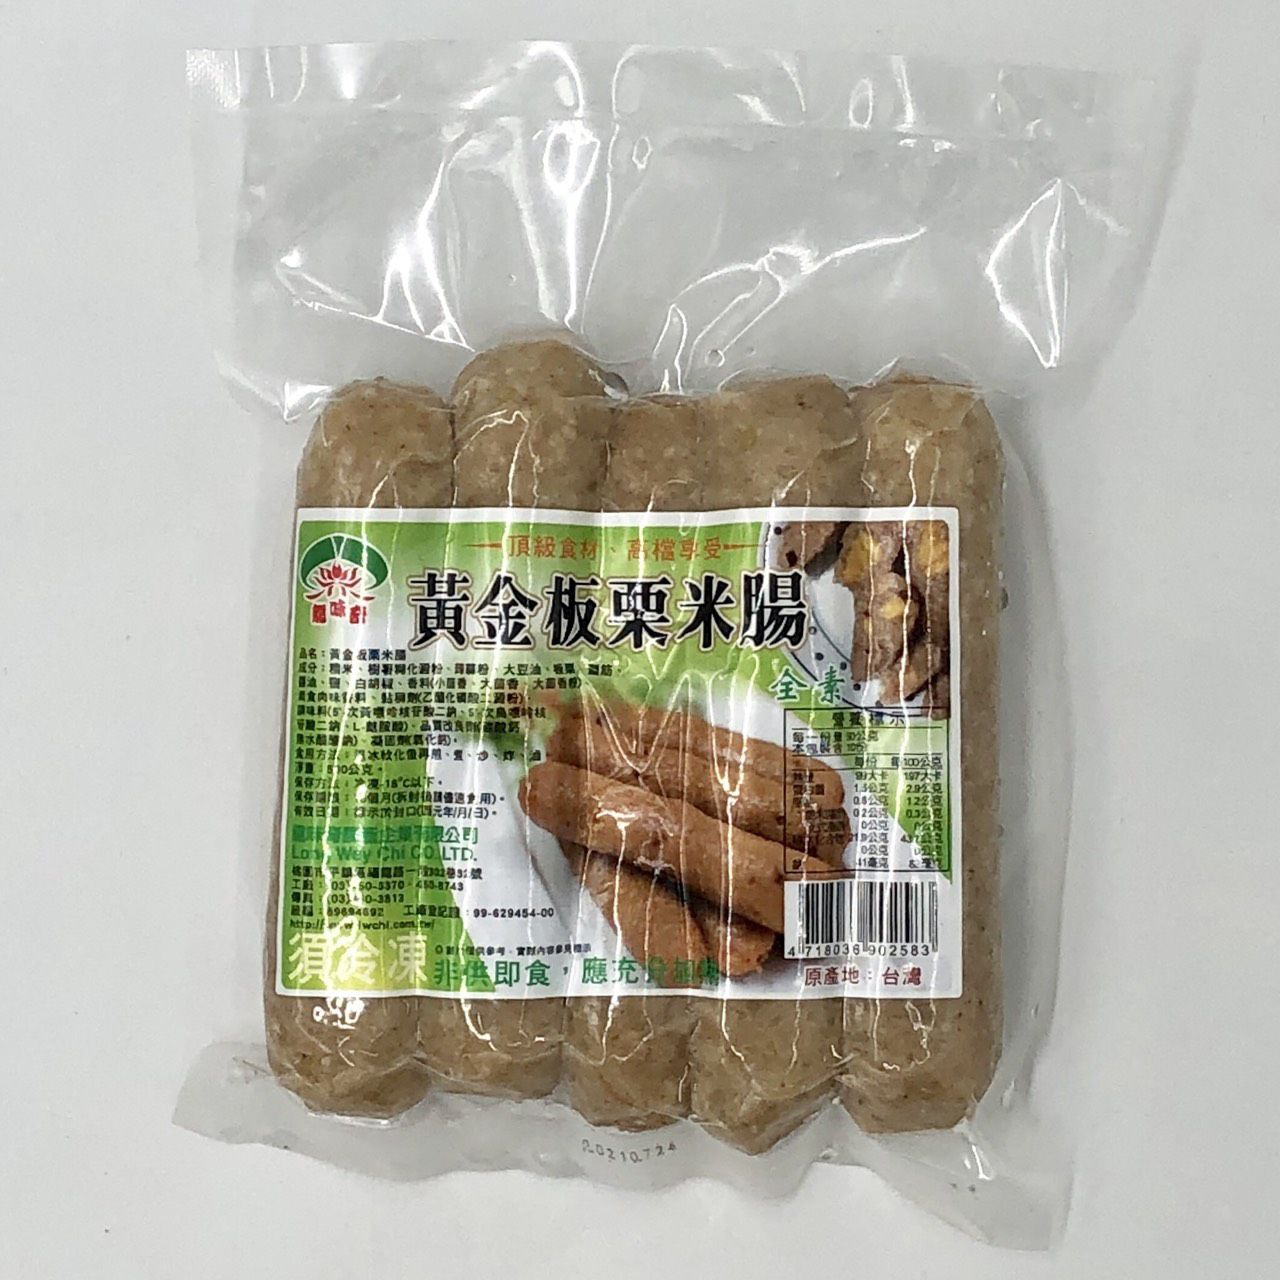 (龍味奇)黃金板栗米腸500g(全素)